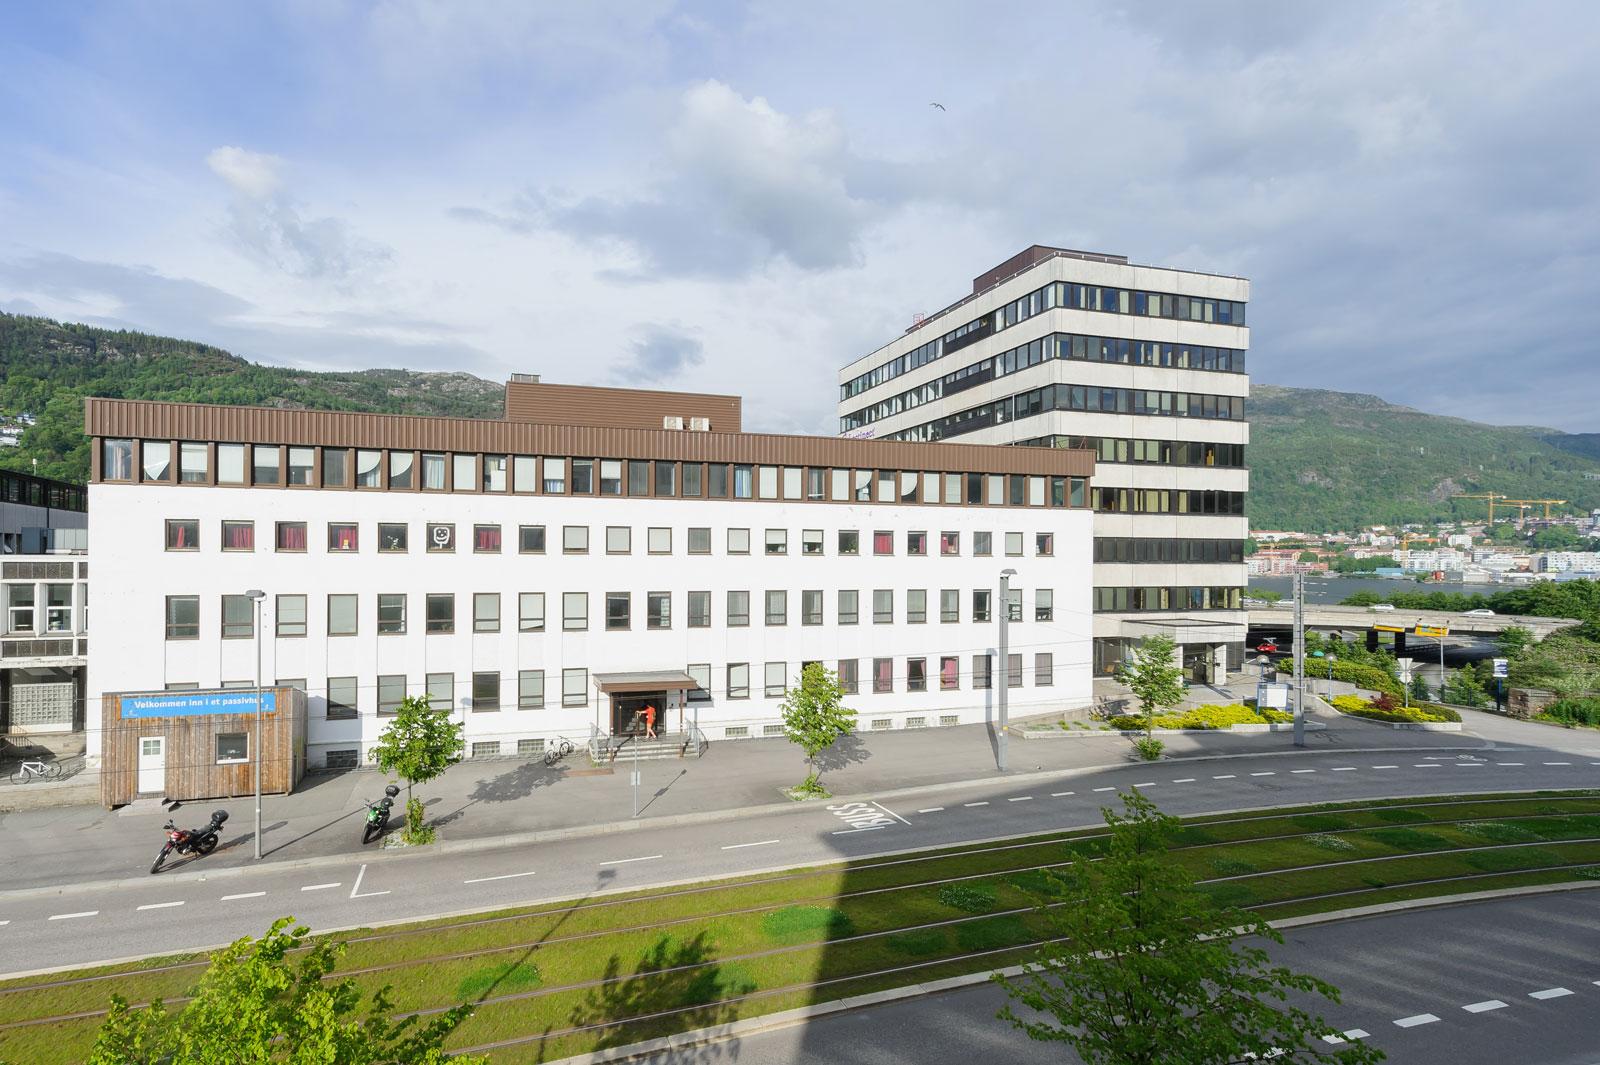 Lokaler Nygårdsgaten i Bergen